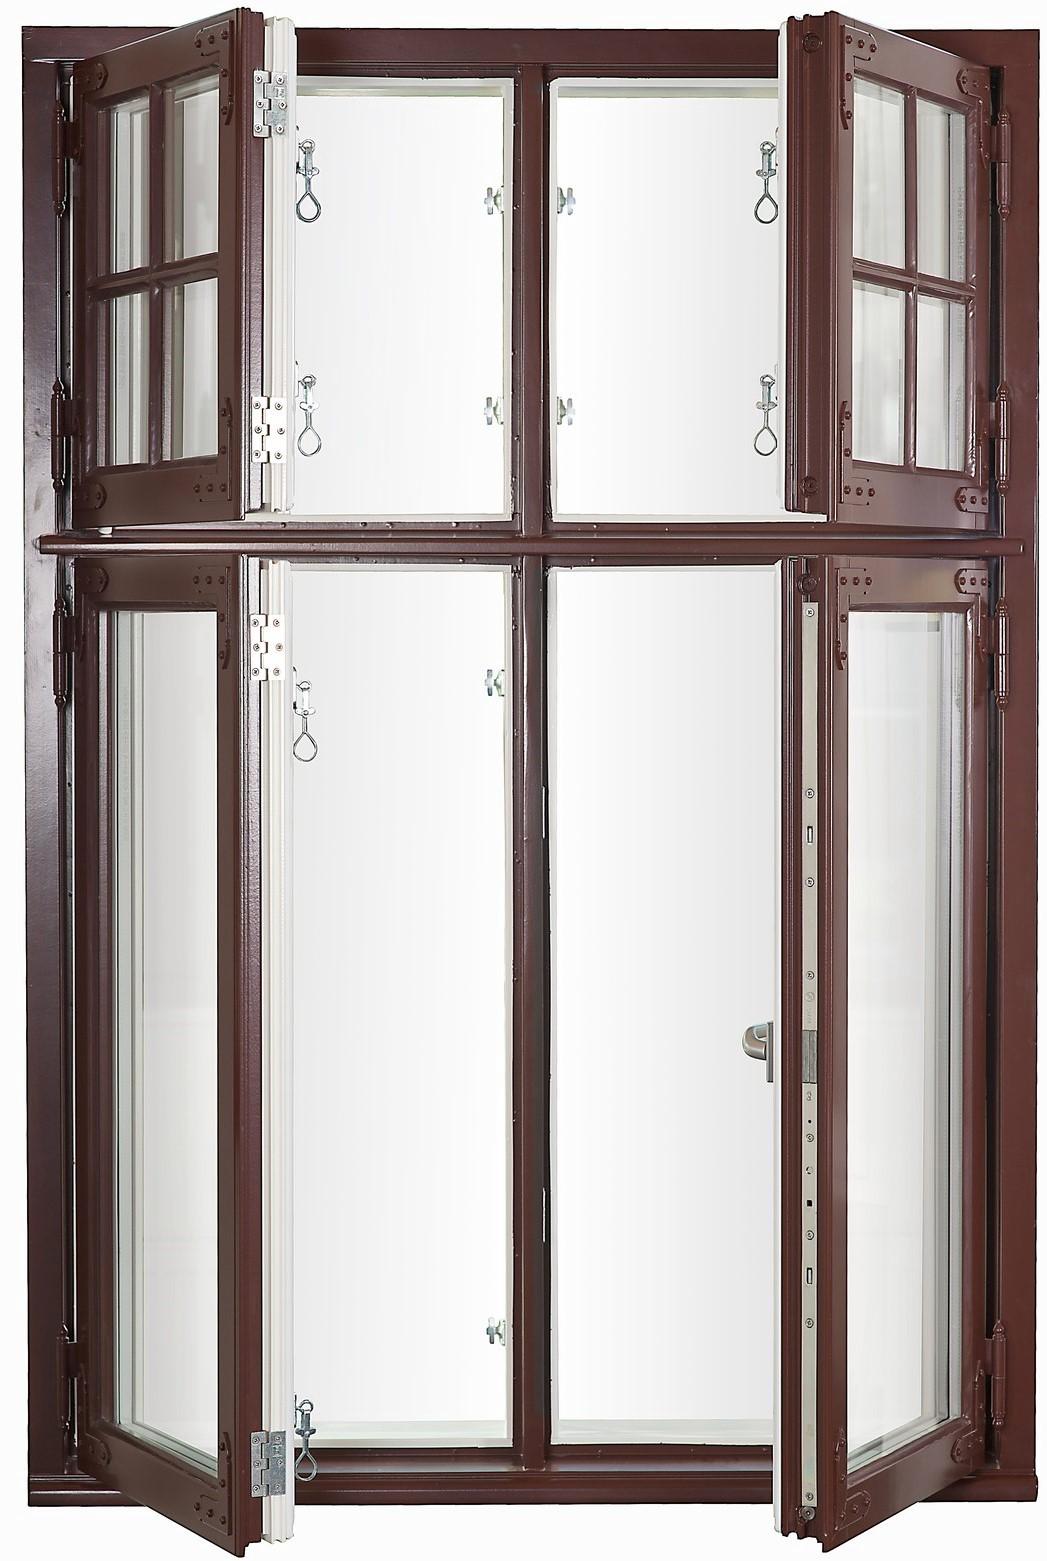 4-rams-kombinasjon-kobla-iSOKiTT-Antikvarisk-full-pakke-sett-fra-utside-BYV-00470 1920-Foto Marit Kvale